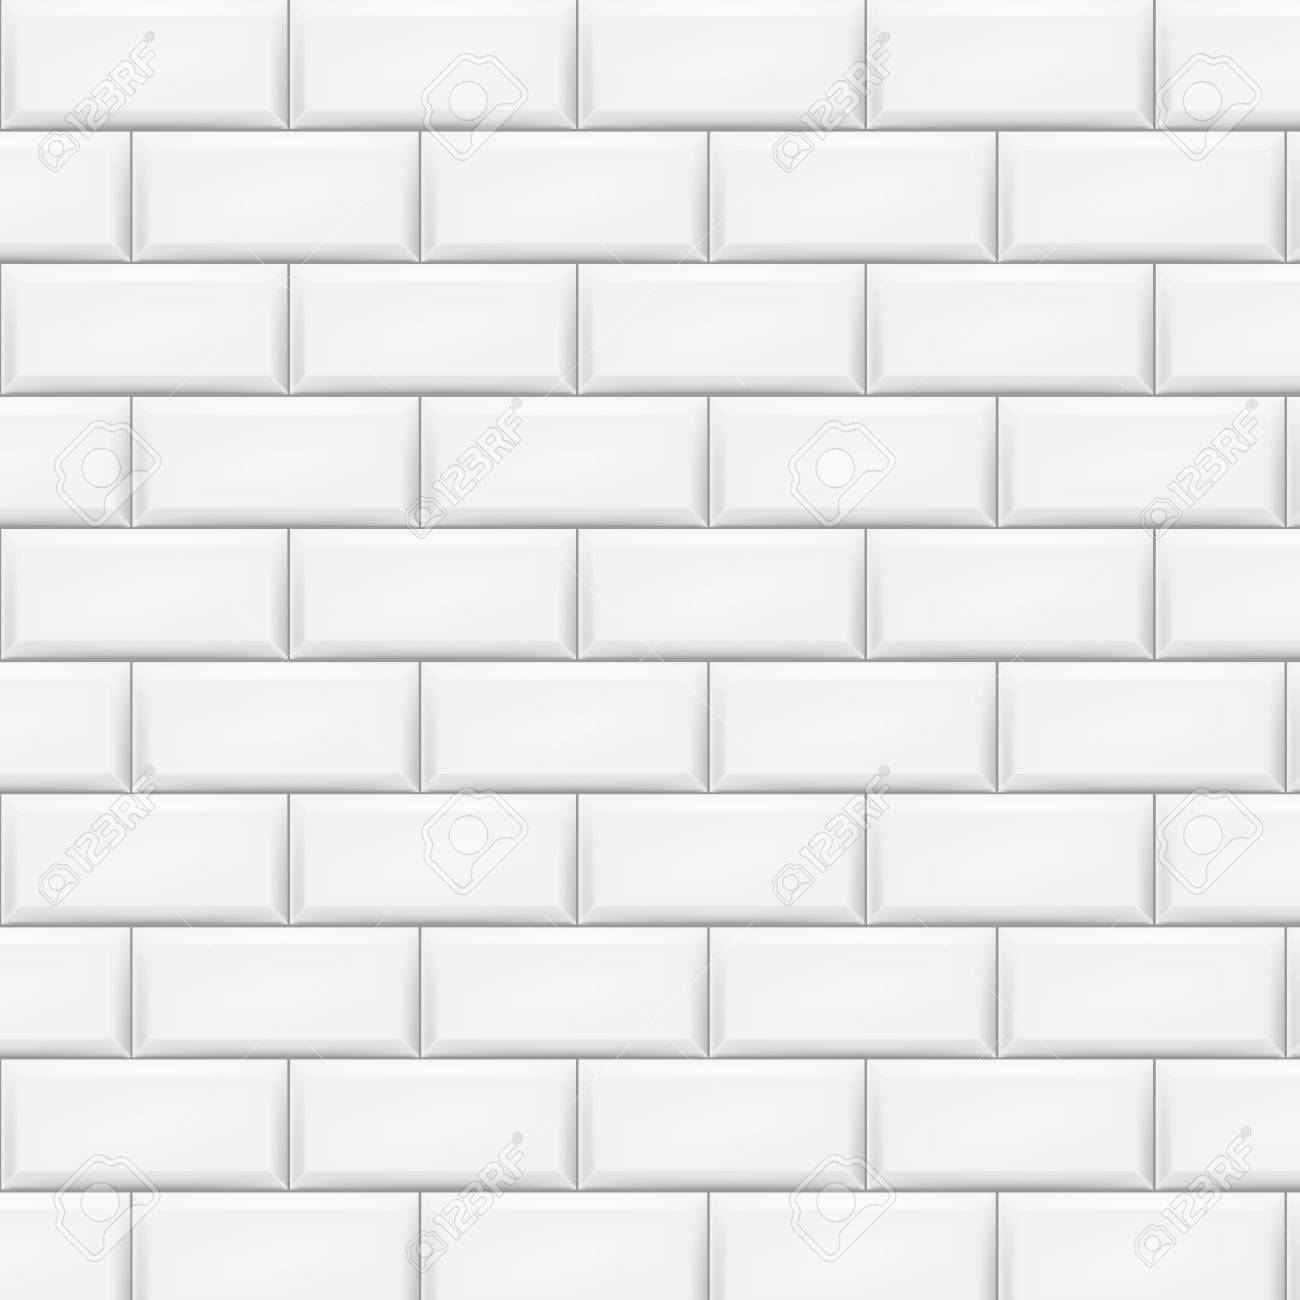 Horizontal white tiles background. Vector illustration. Eps 10. - 81477263